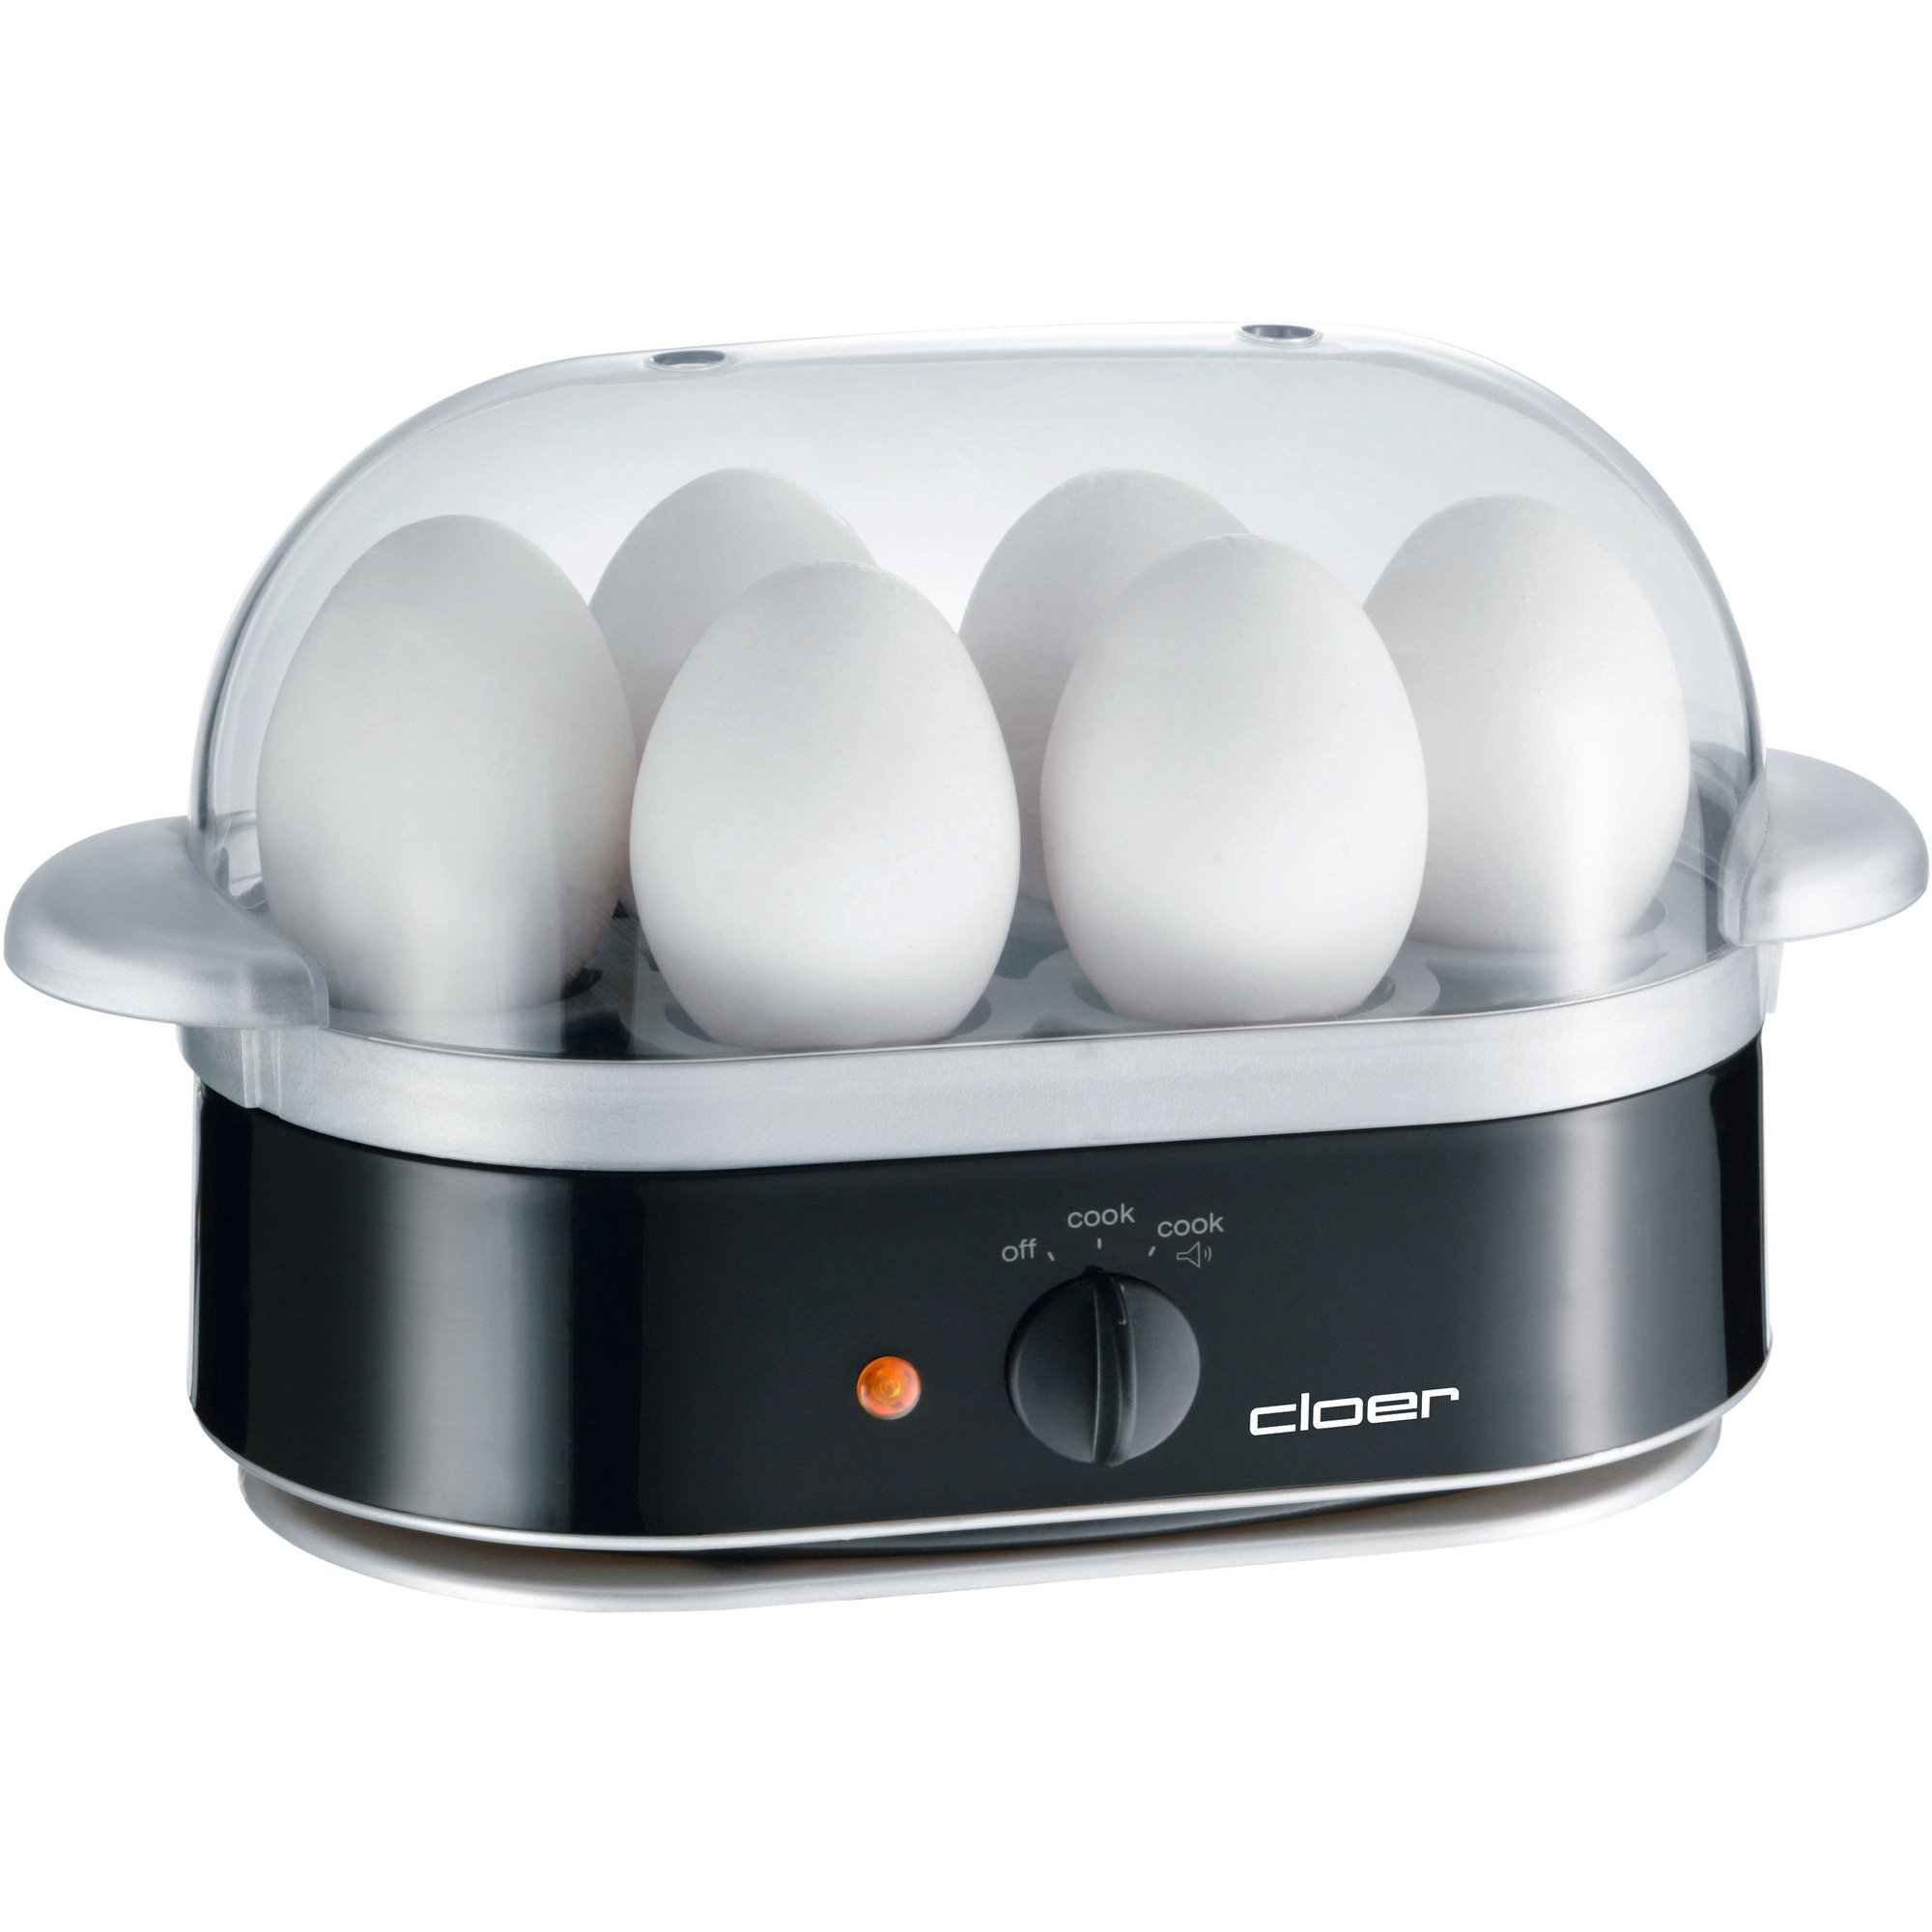 Cloer Äggkokare 6 ägg – Svart